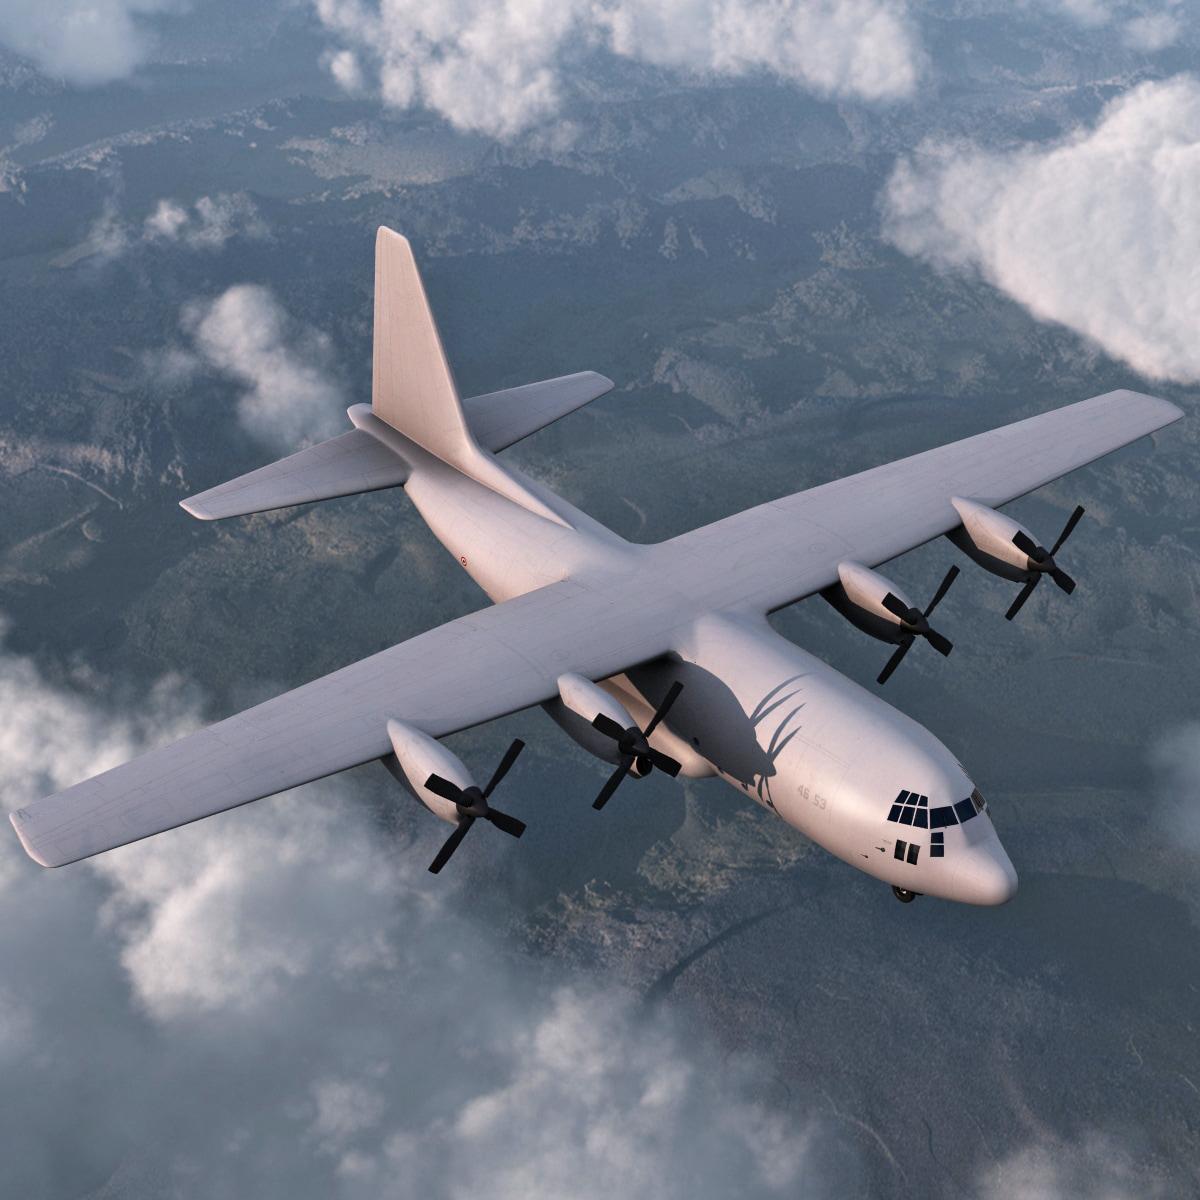 C-130_Hercules.jpg